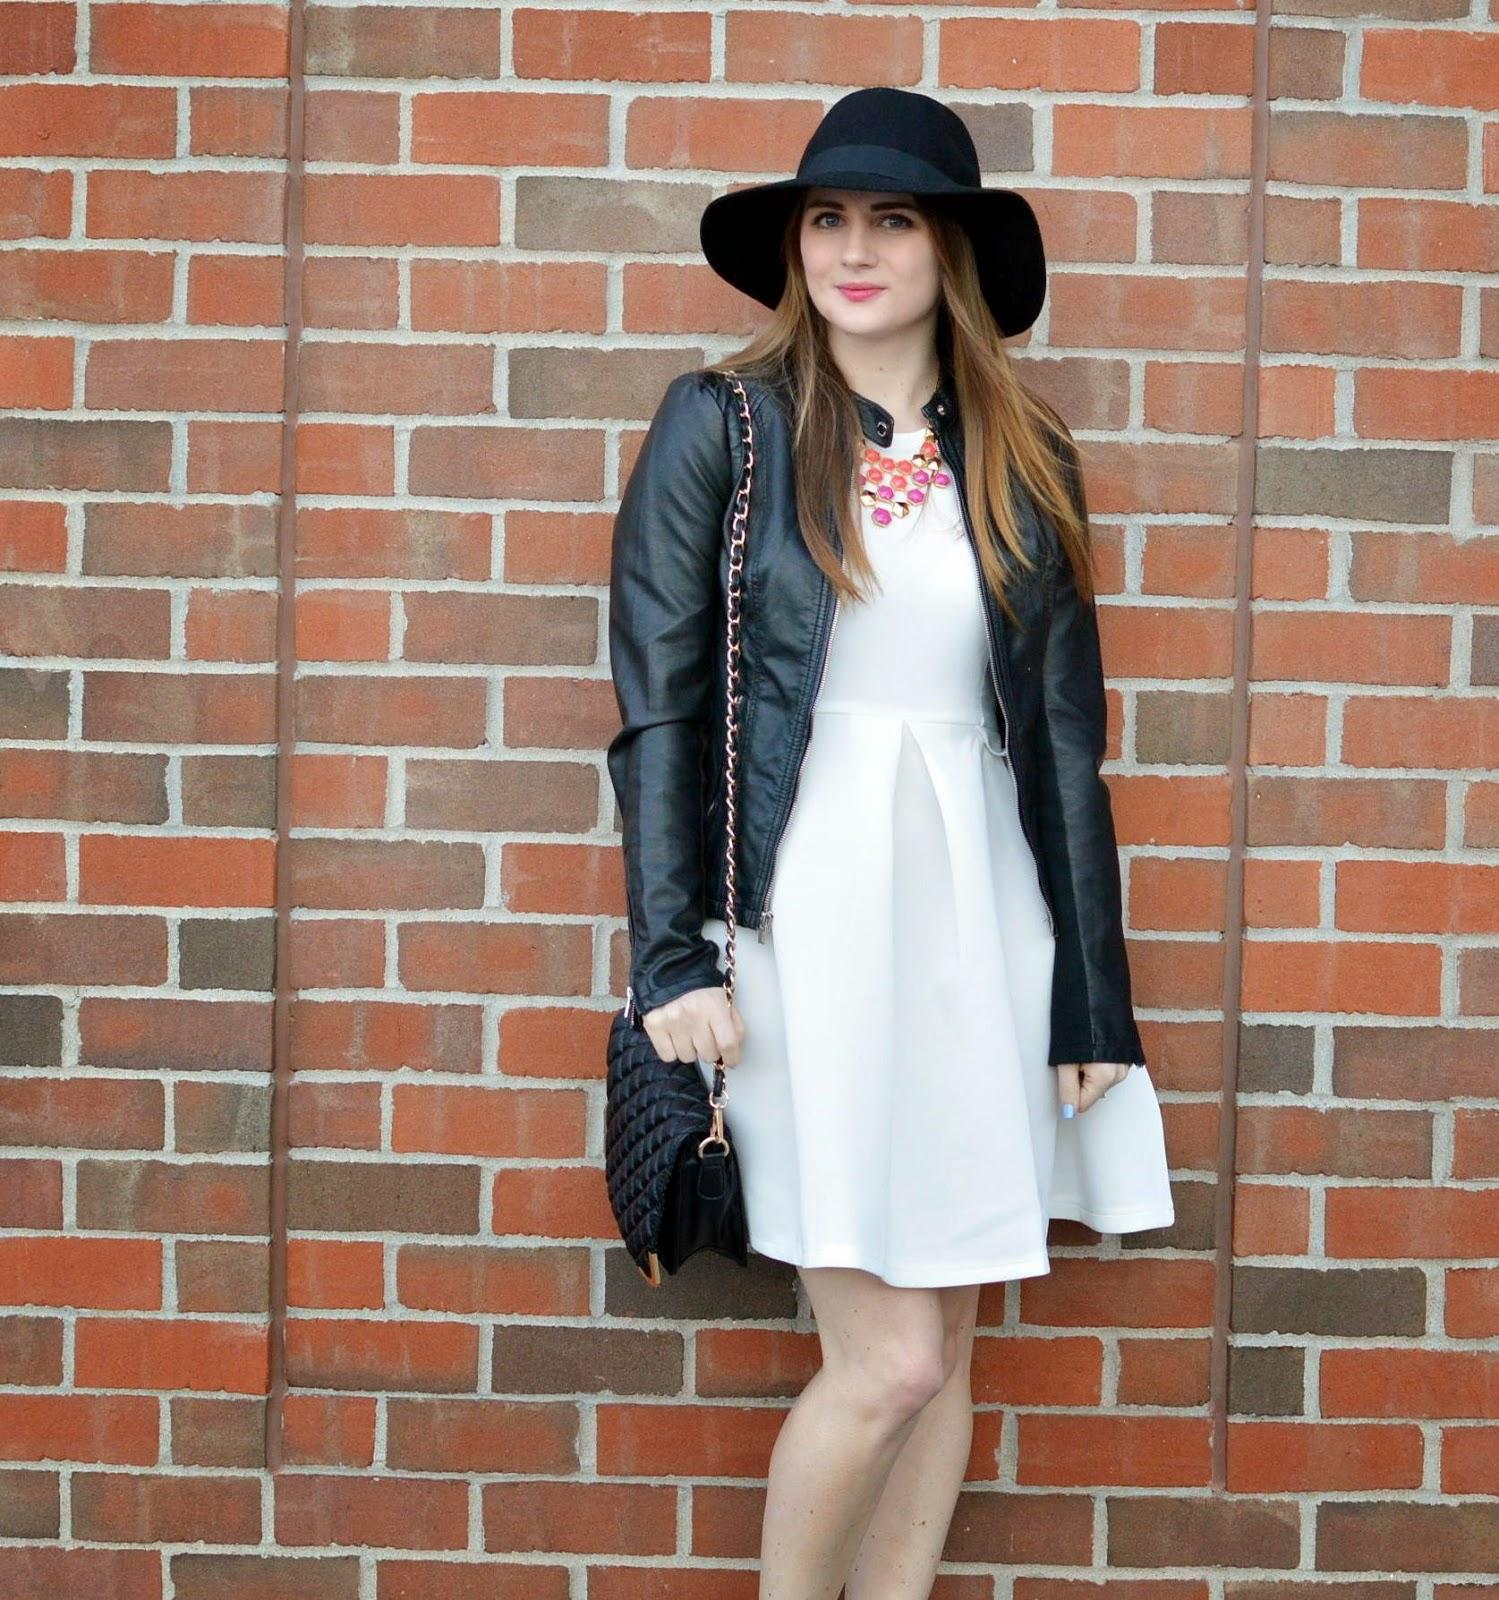 Wedding Dress White Leather Jacket